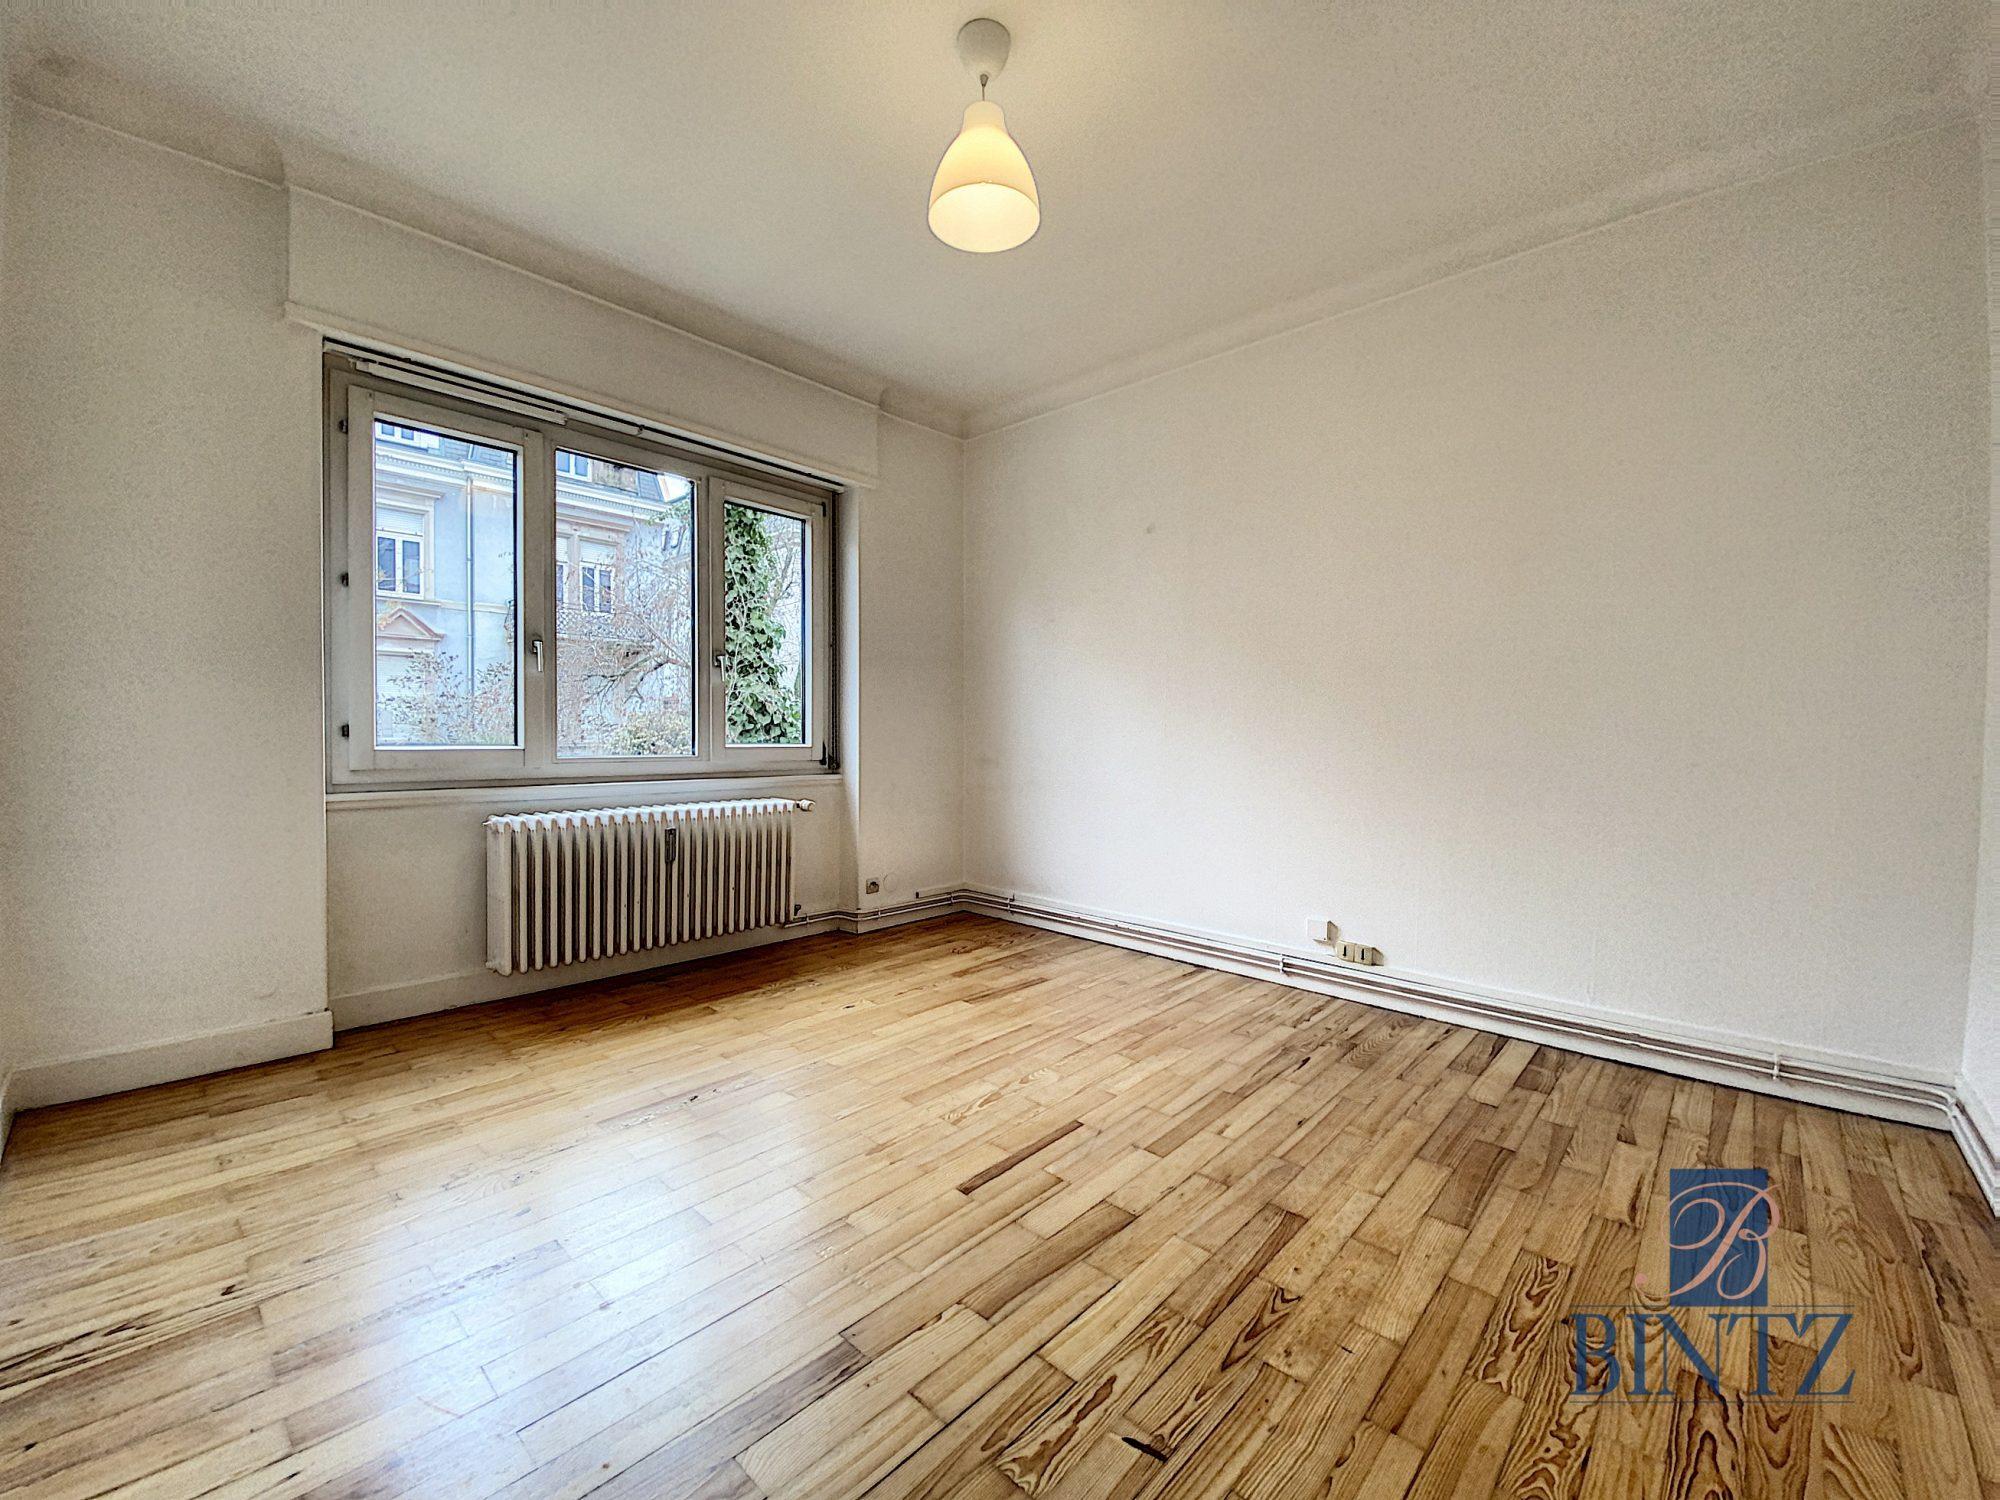 3P avec terrasse orangerie - Devenez locataire en toute sérénité - Bintz Immobilier - 19